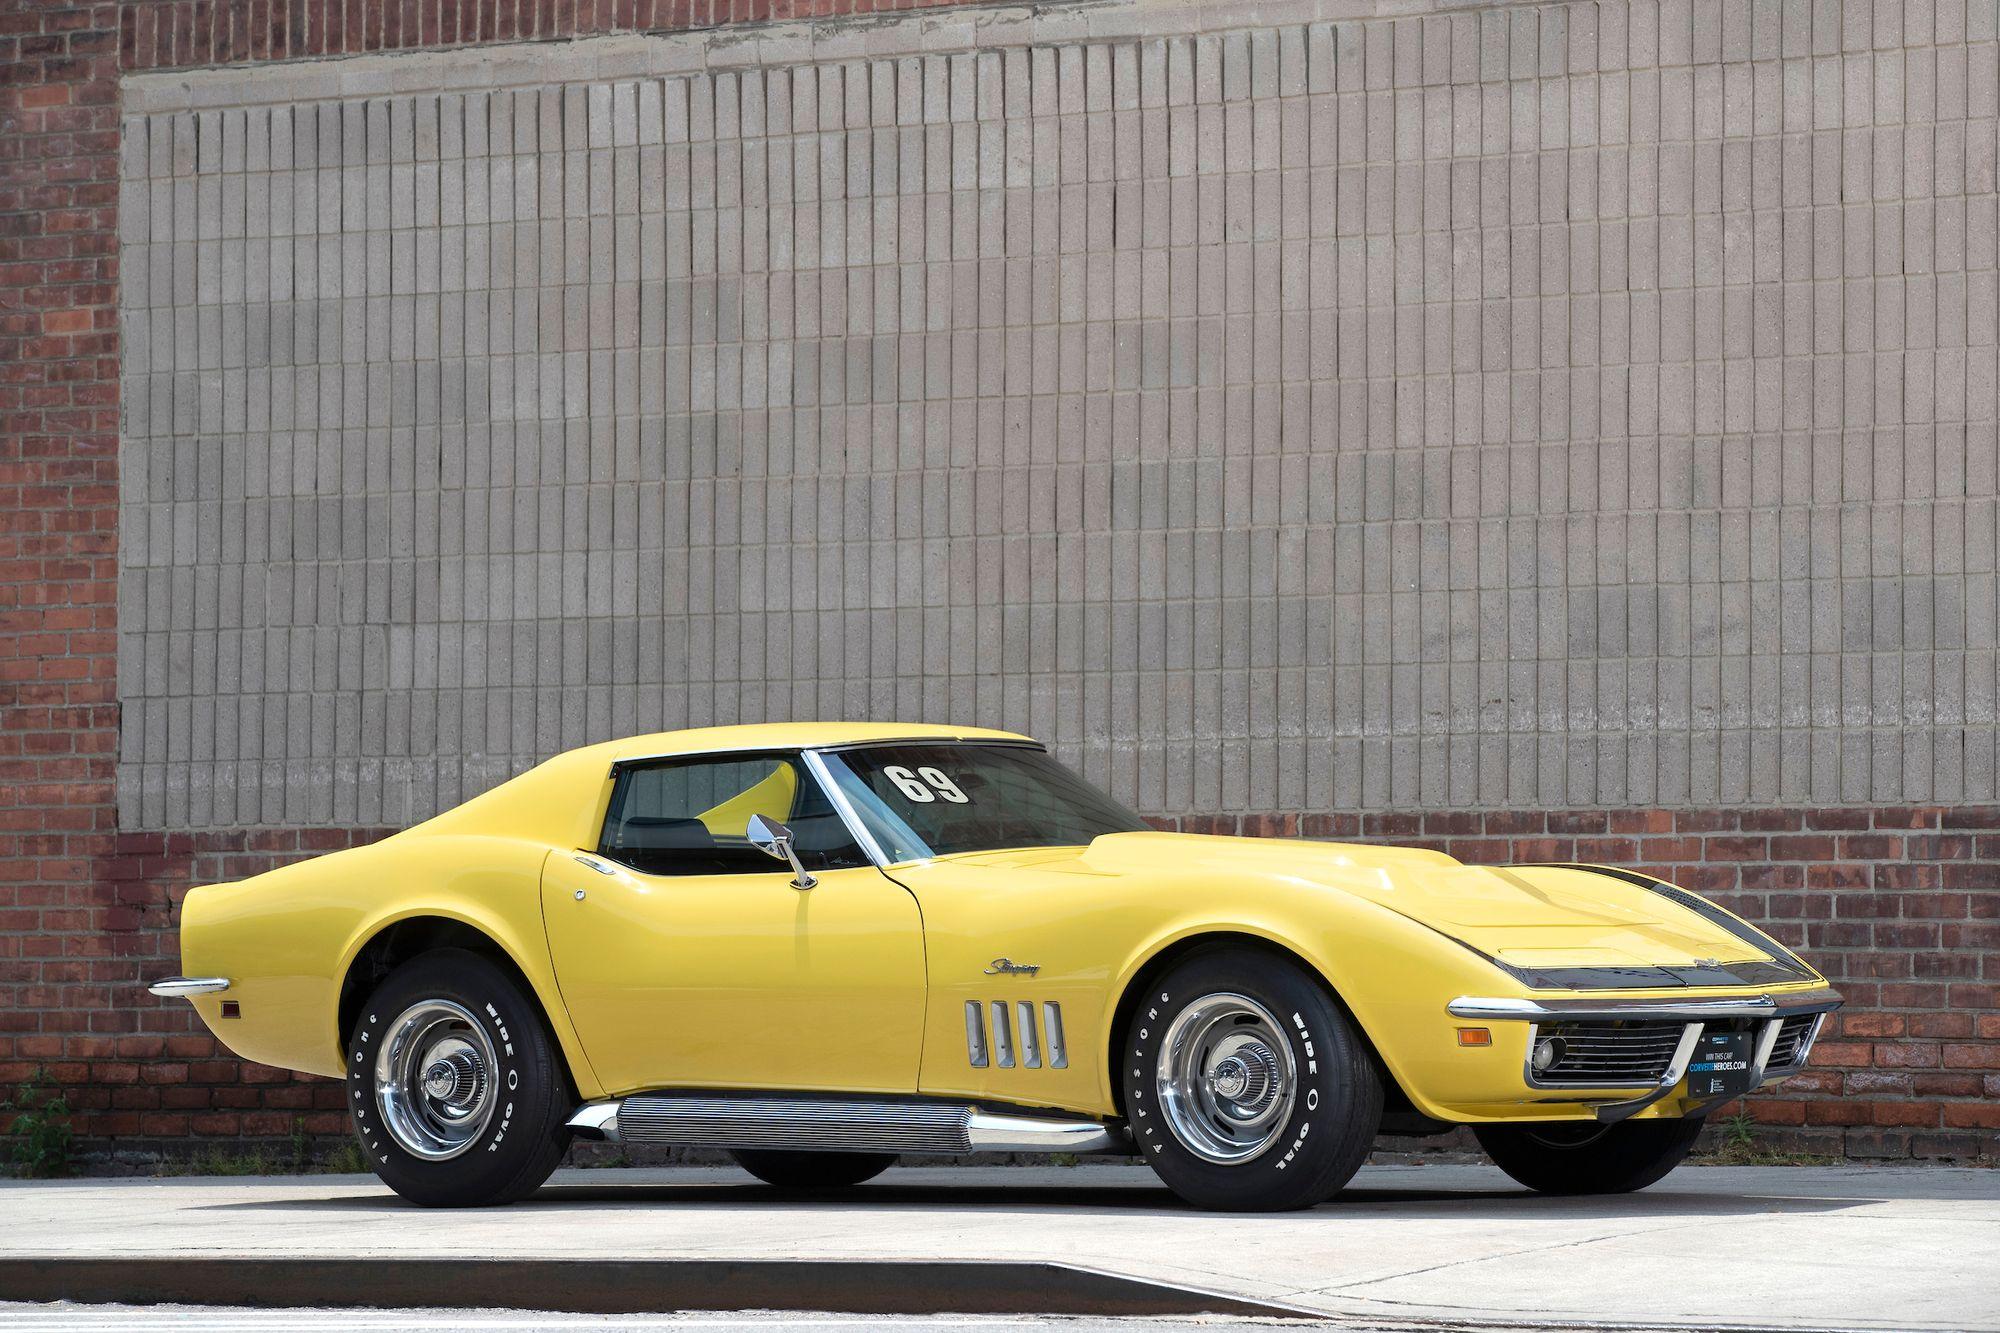 """<img src=""""1969-corvette-1.jpg"""" alt=""""A 1969 Chevrolet Corvette Stingray"""">"""